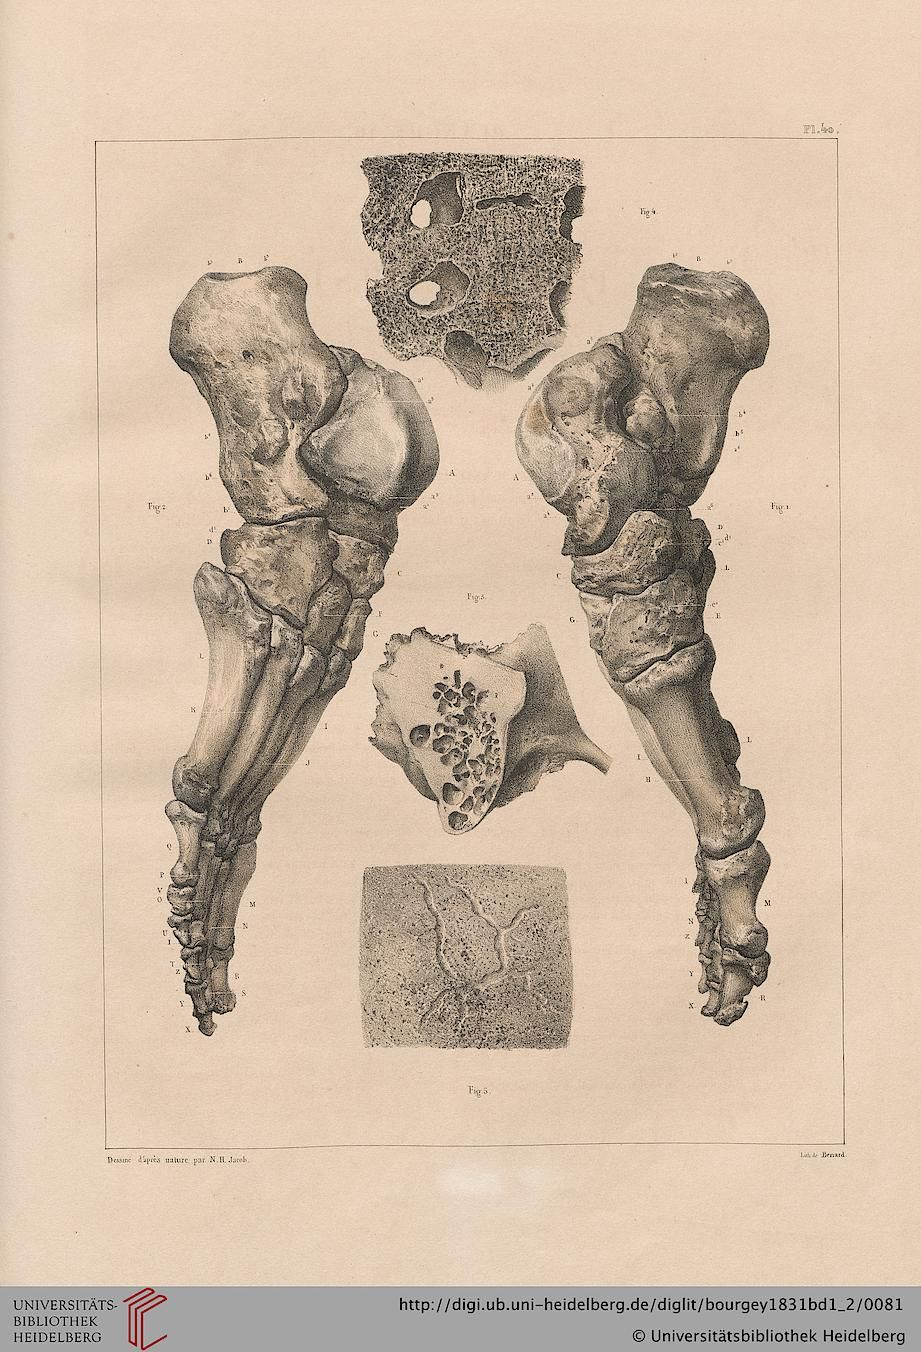 Tome 1. Pl. 40. Jean-Baptiste Marc Bourgery  (1797-1849 https://pinterest.com/pin/287386019948321810), Nicolas Henri Jacob. [Traité complet de l'anatomie de l'homme comprenant la médecine opératoire (1831-1854  https://pinterest.com/pin/287386019941966857/ )].